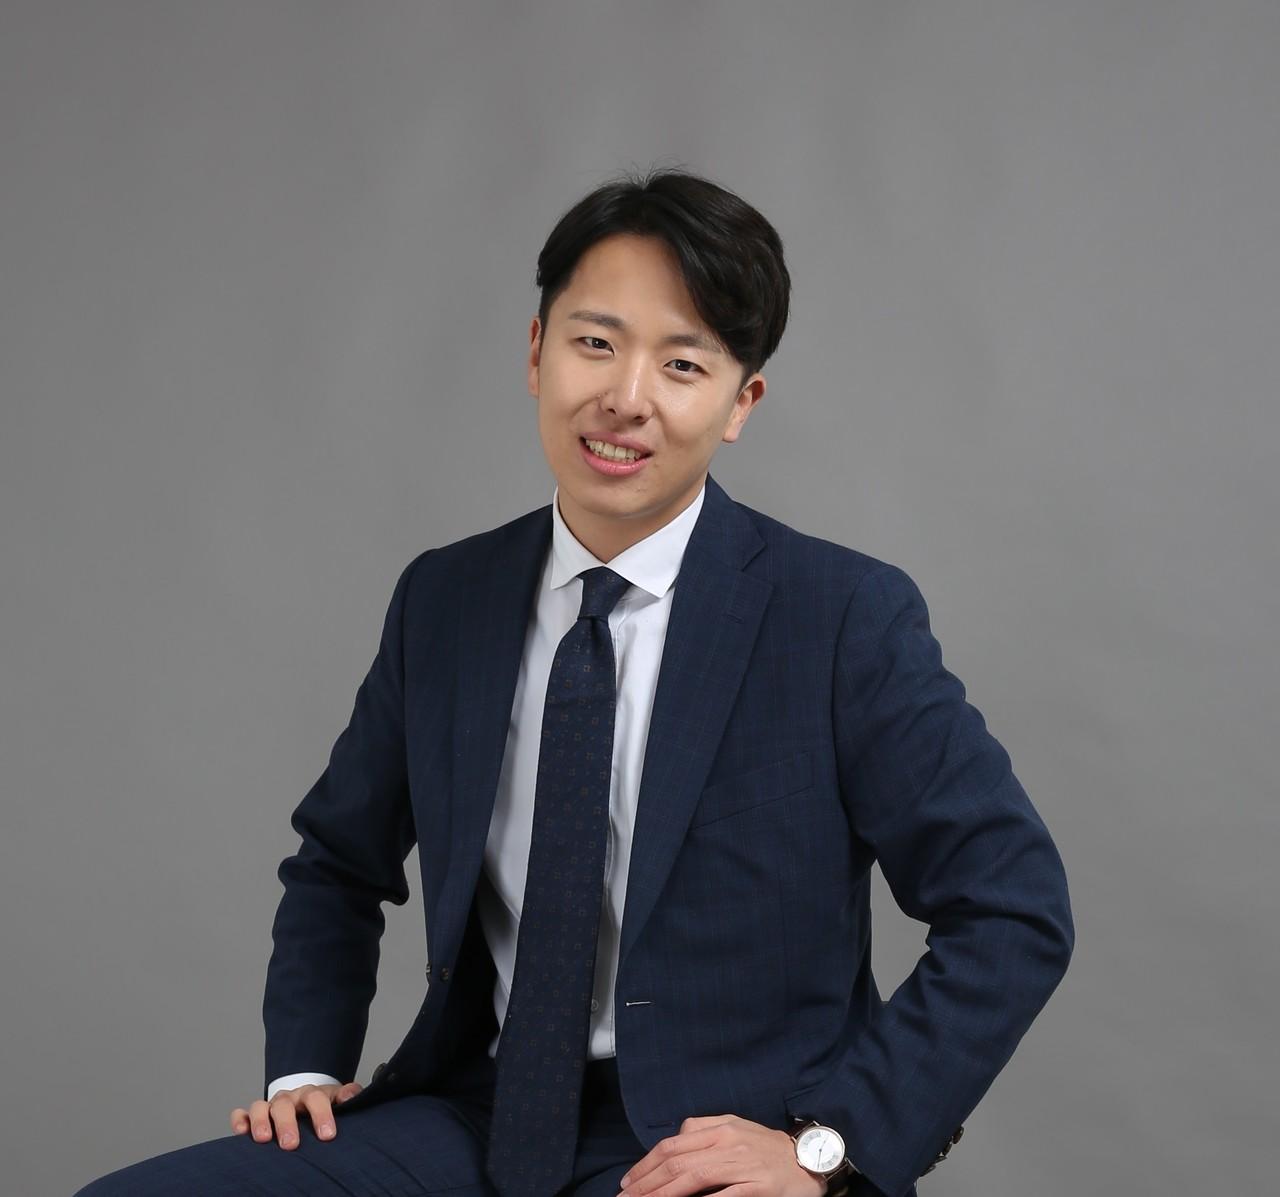 최병훈 멘토 (KT 미래융합컨설팅팀)